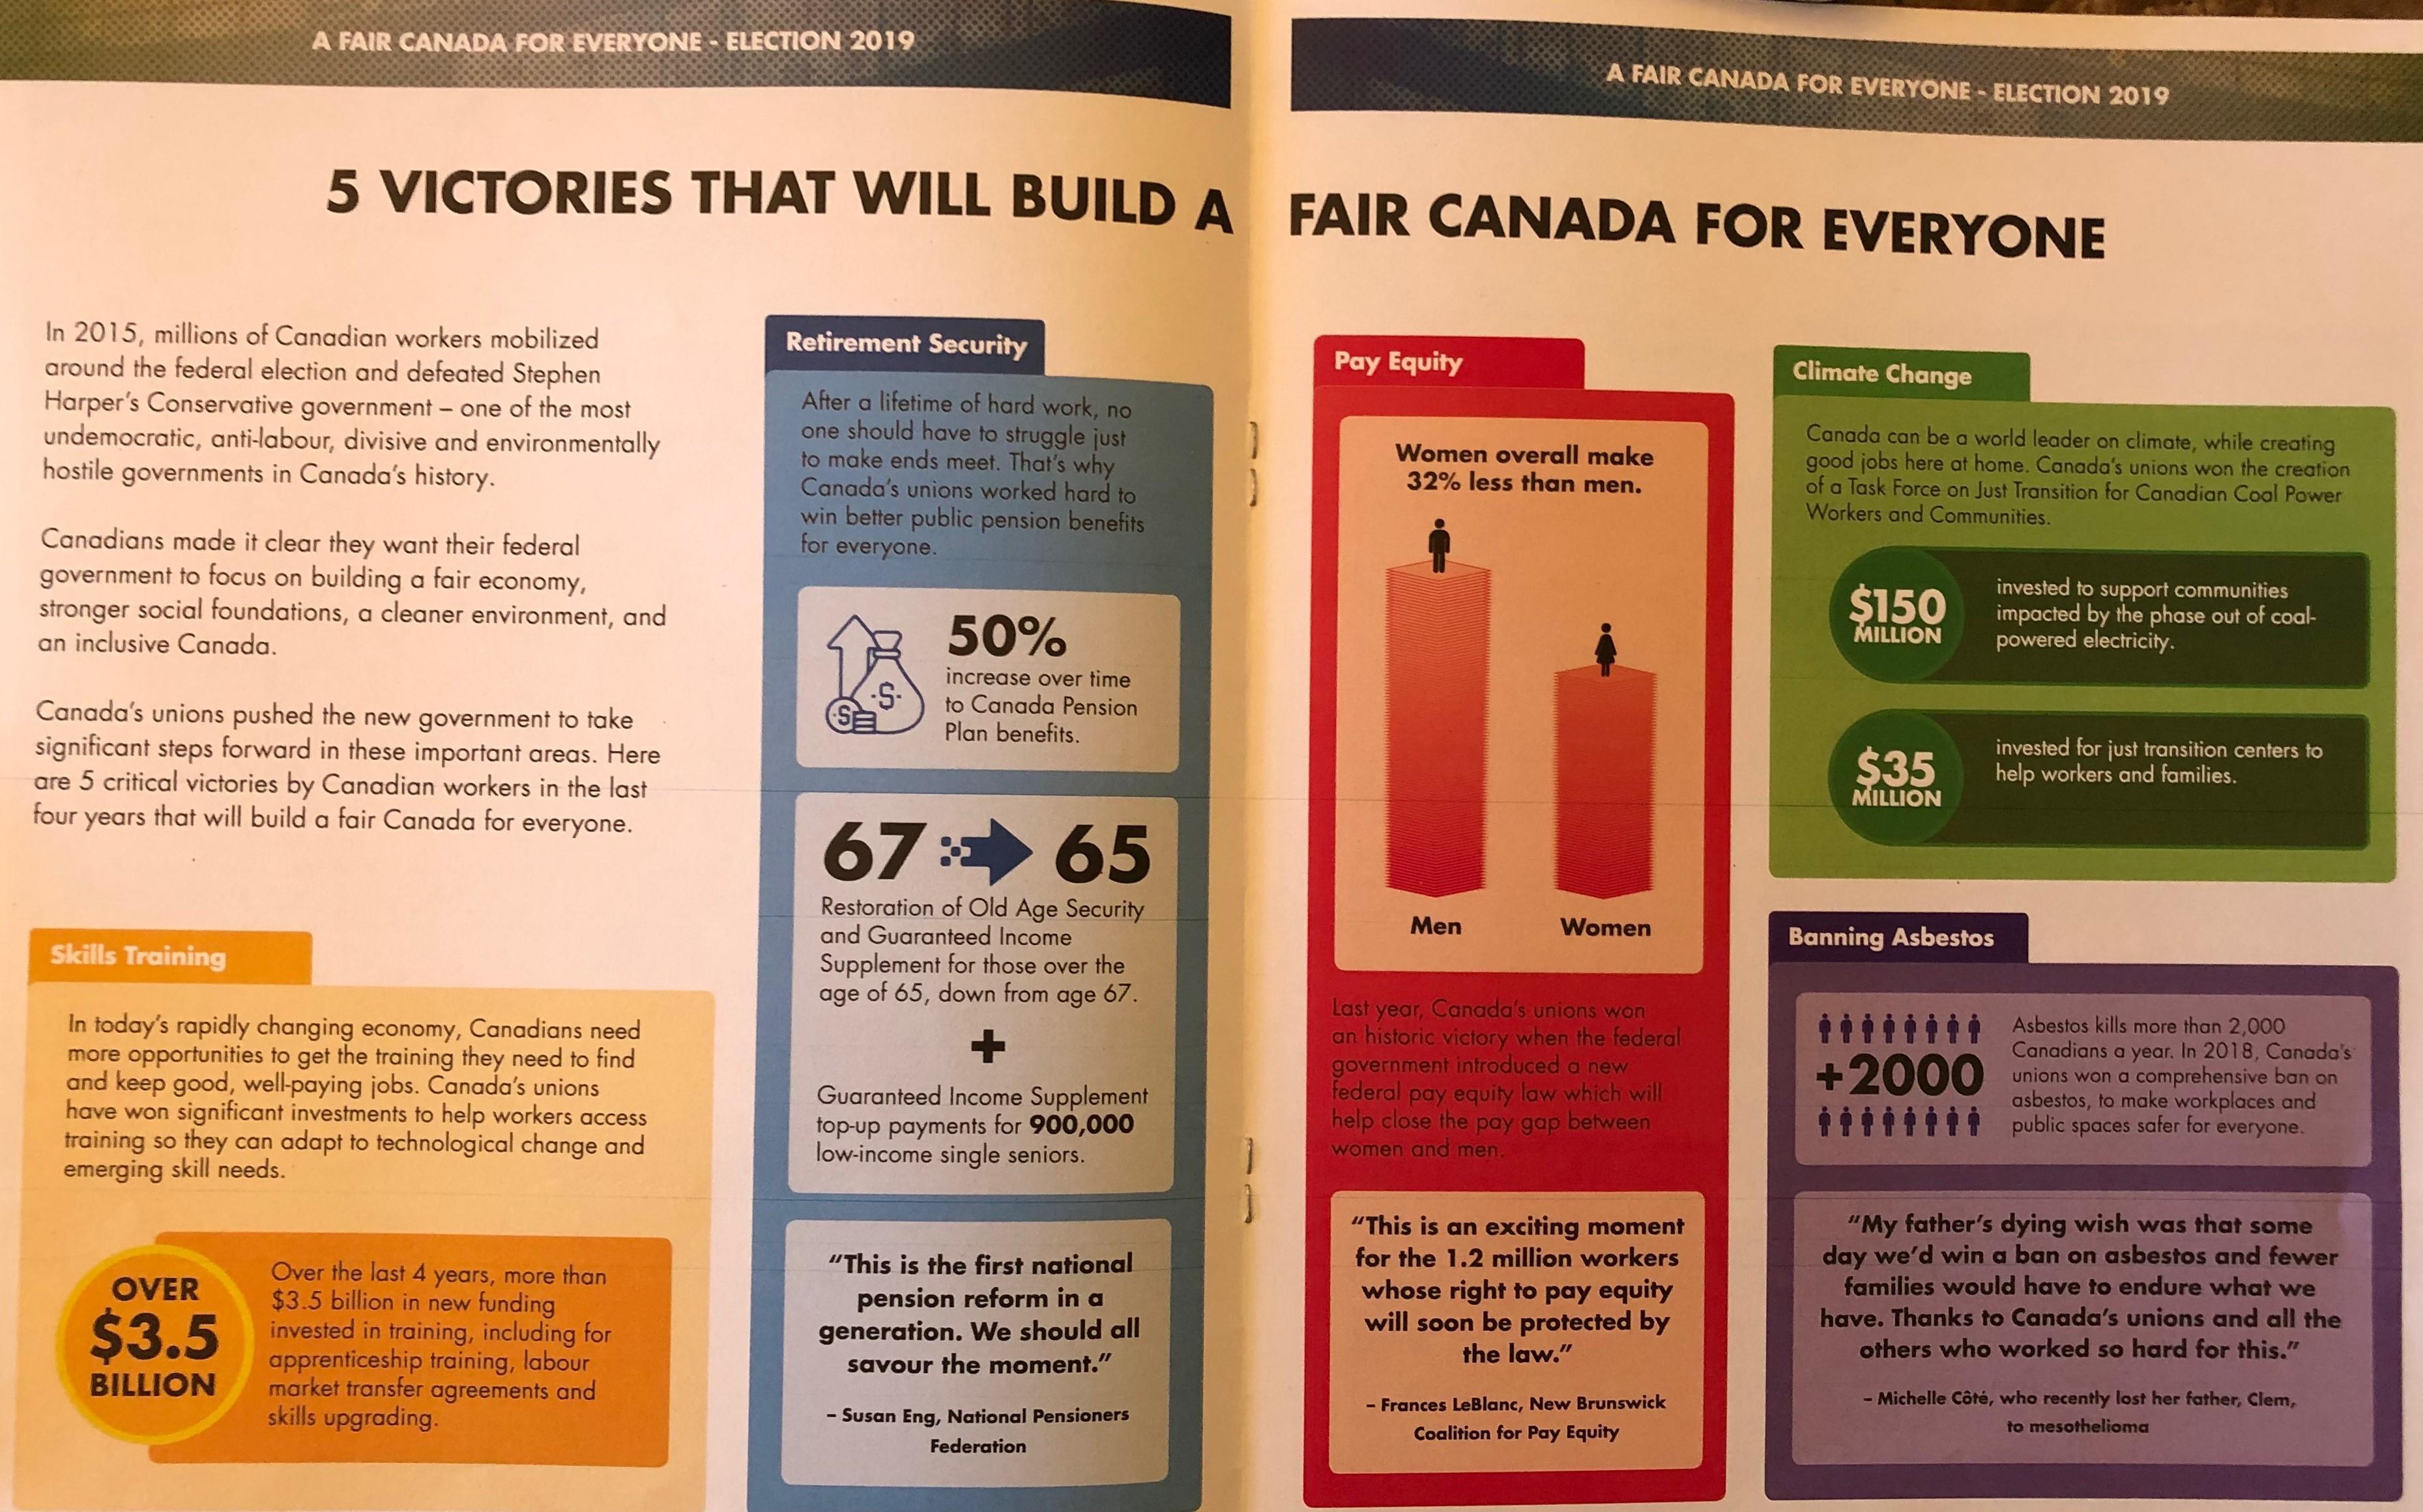 5 victories that will build a fair canada